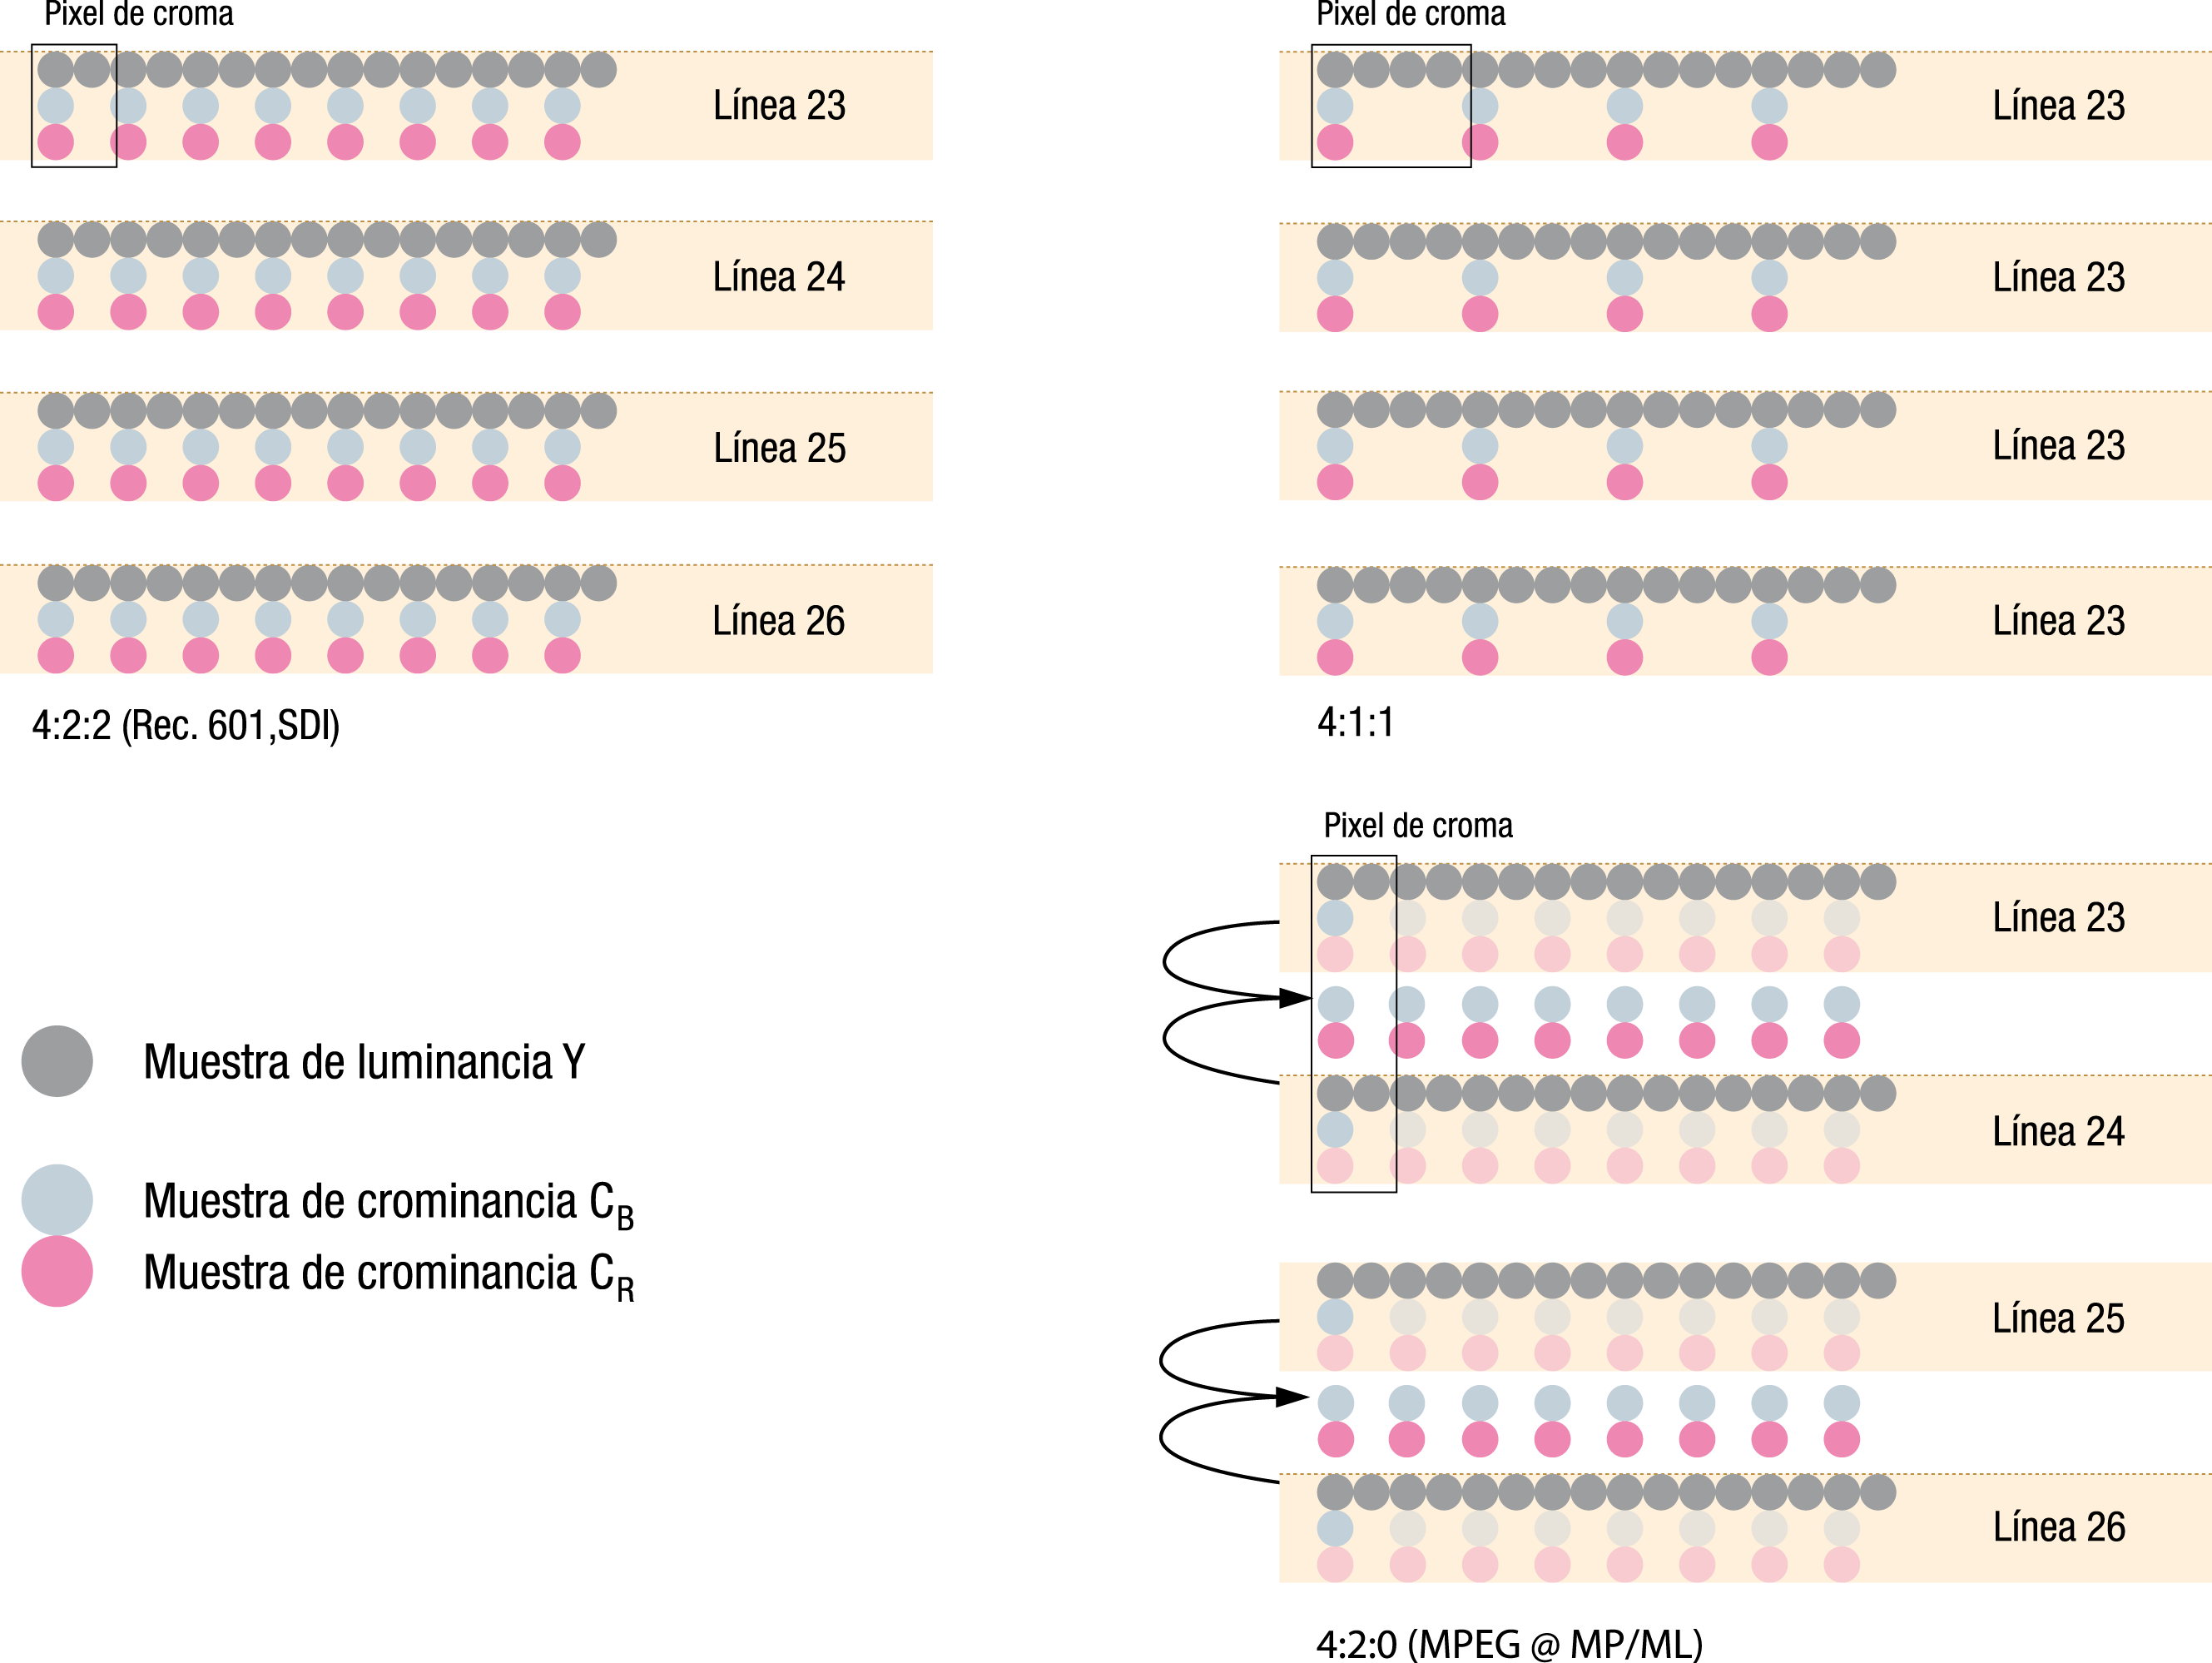 Figura 1.6 copia